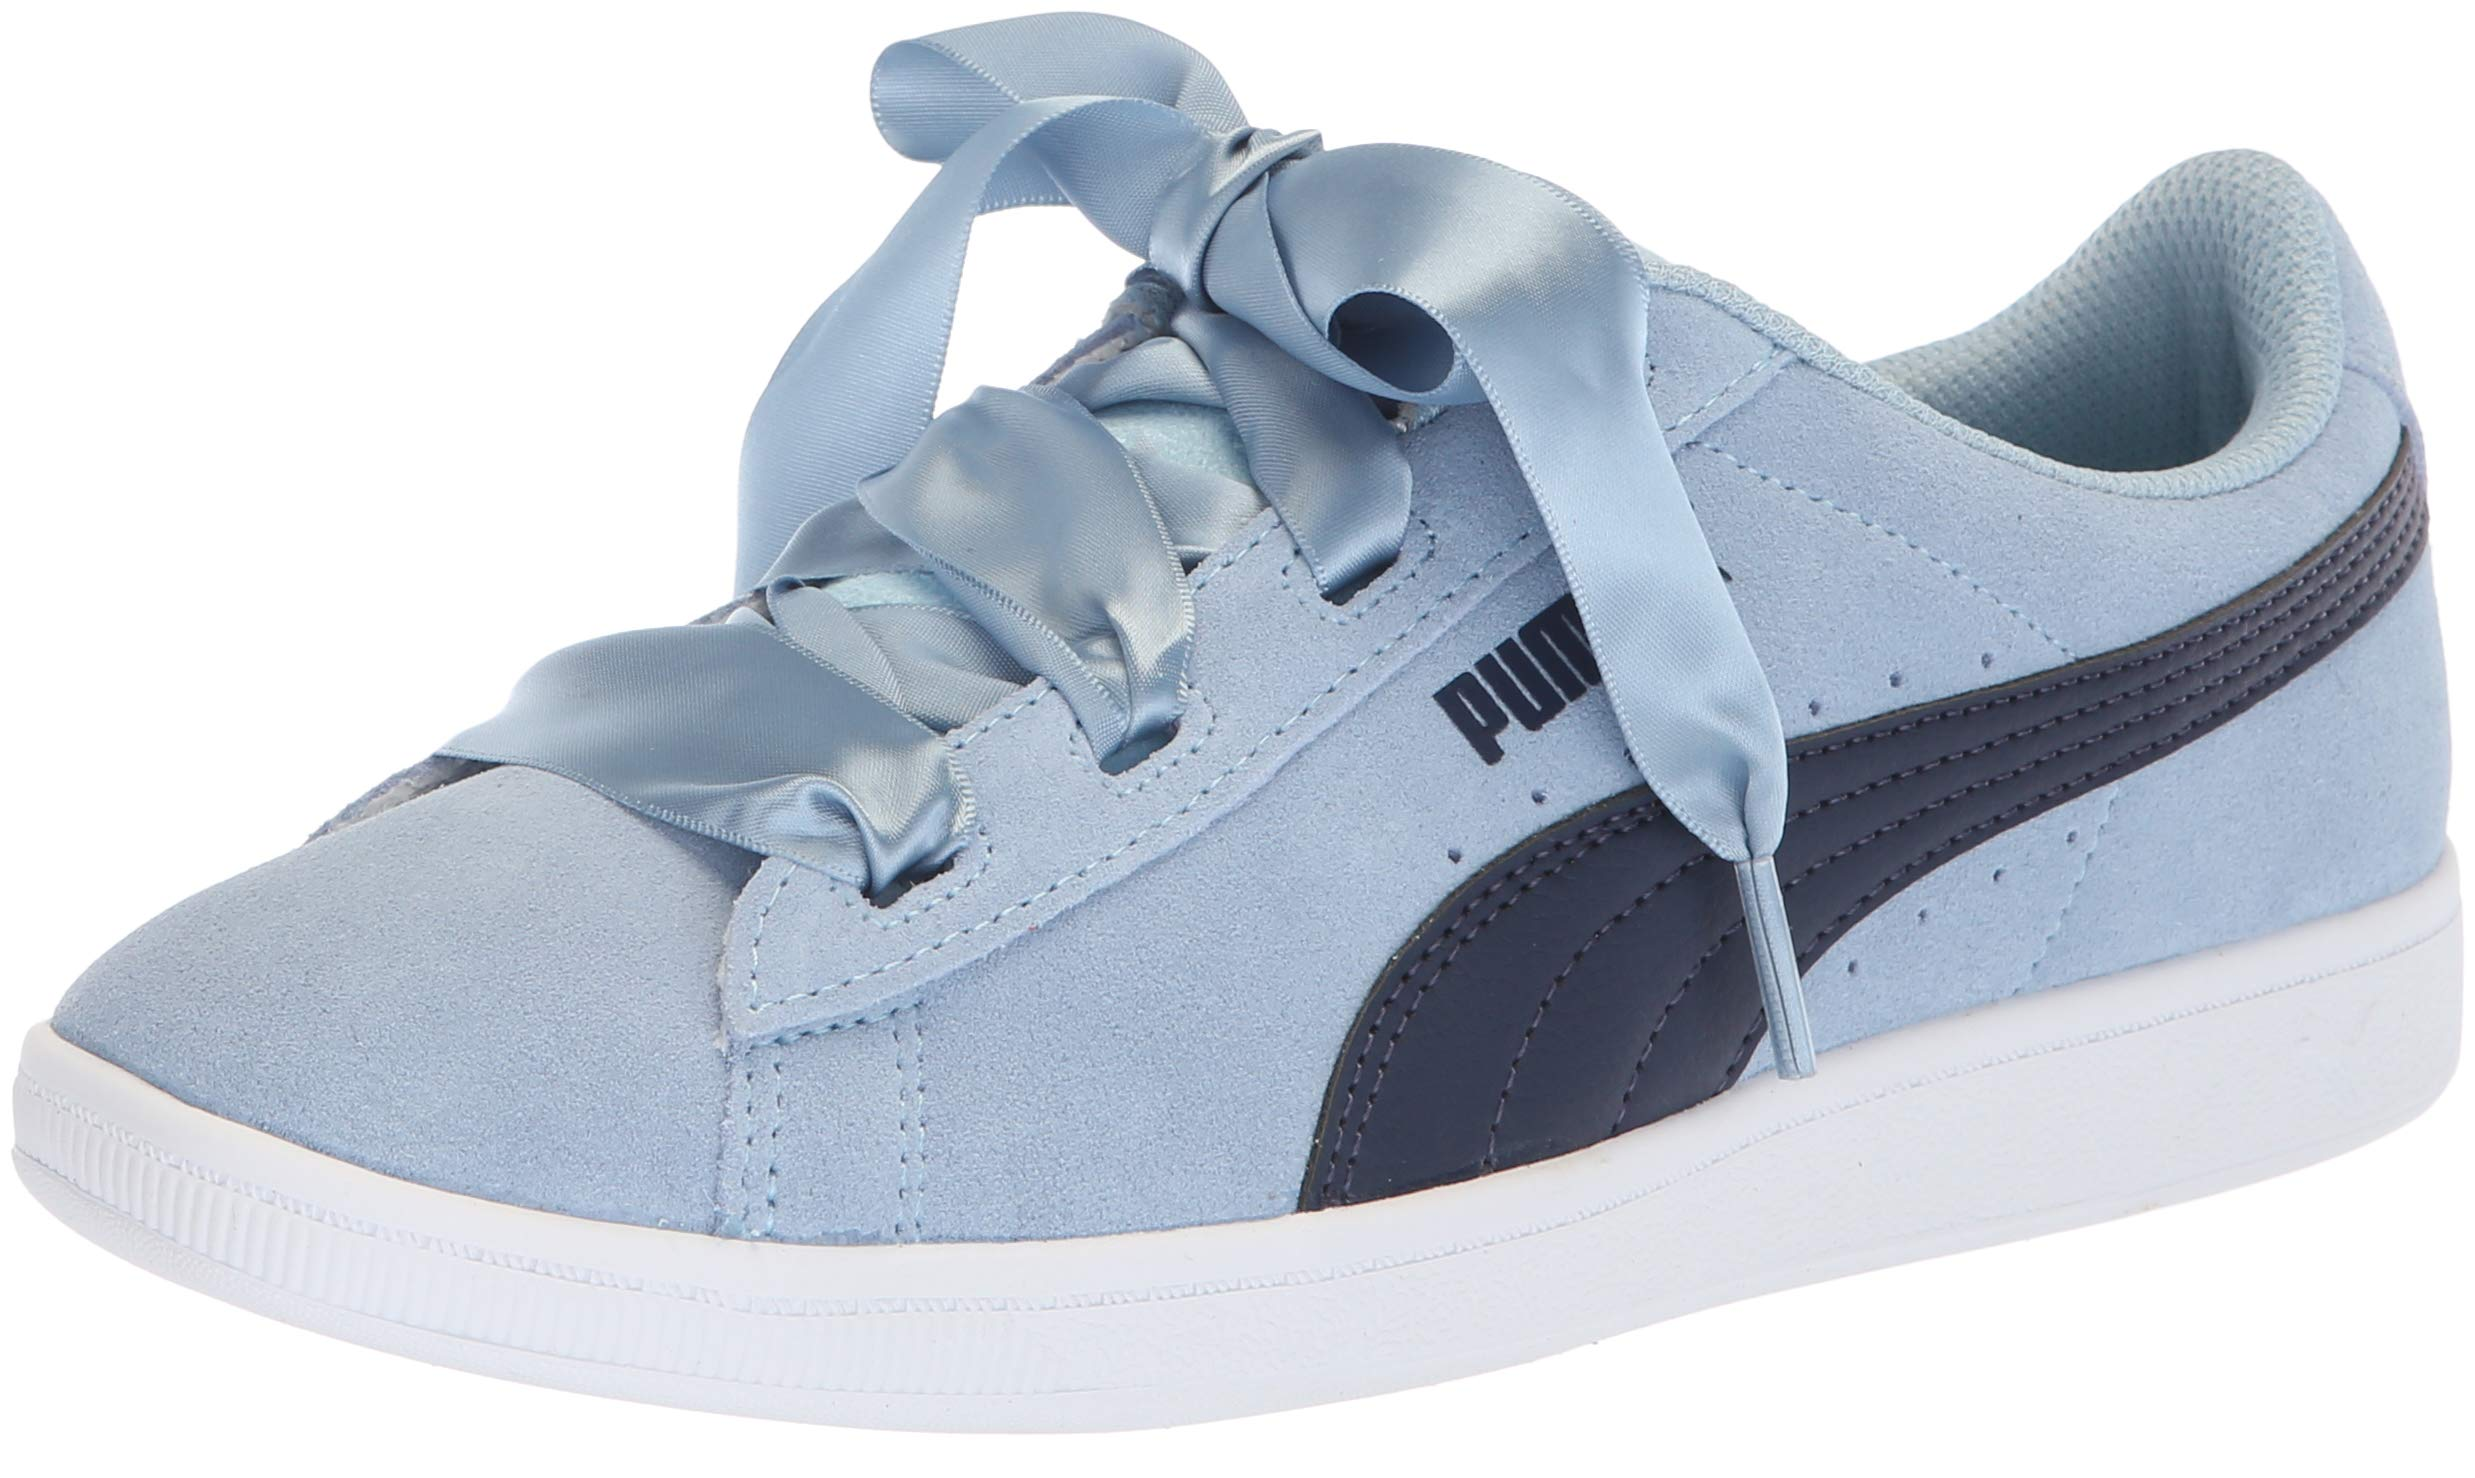 PUMA Unisex-Kids Vikky Ribbon Jr Sneaker, Cerulean-Peacoat, 5.5 M US Big Kid